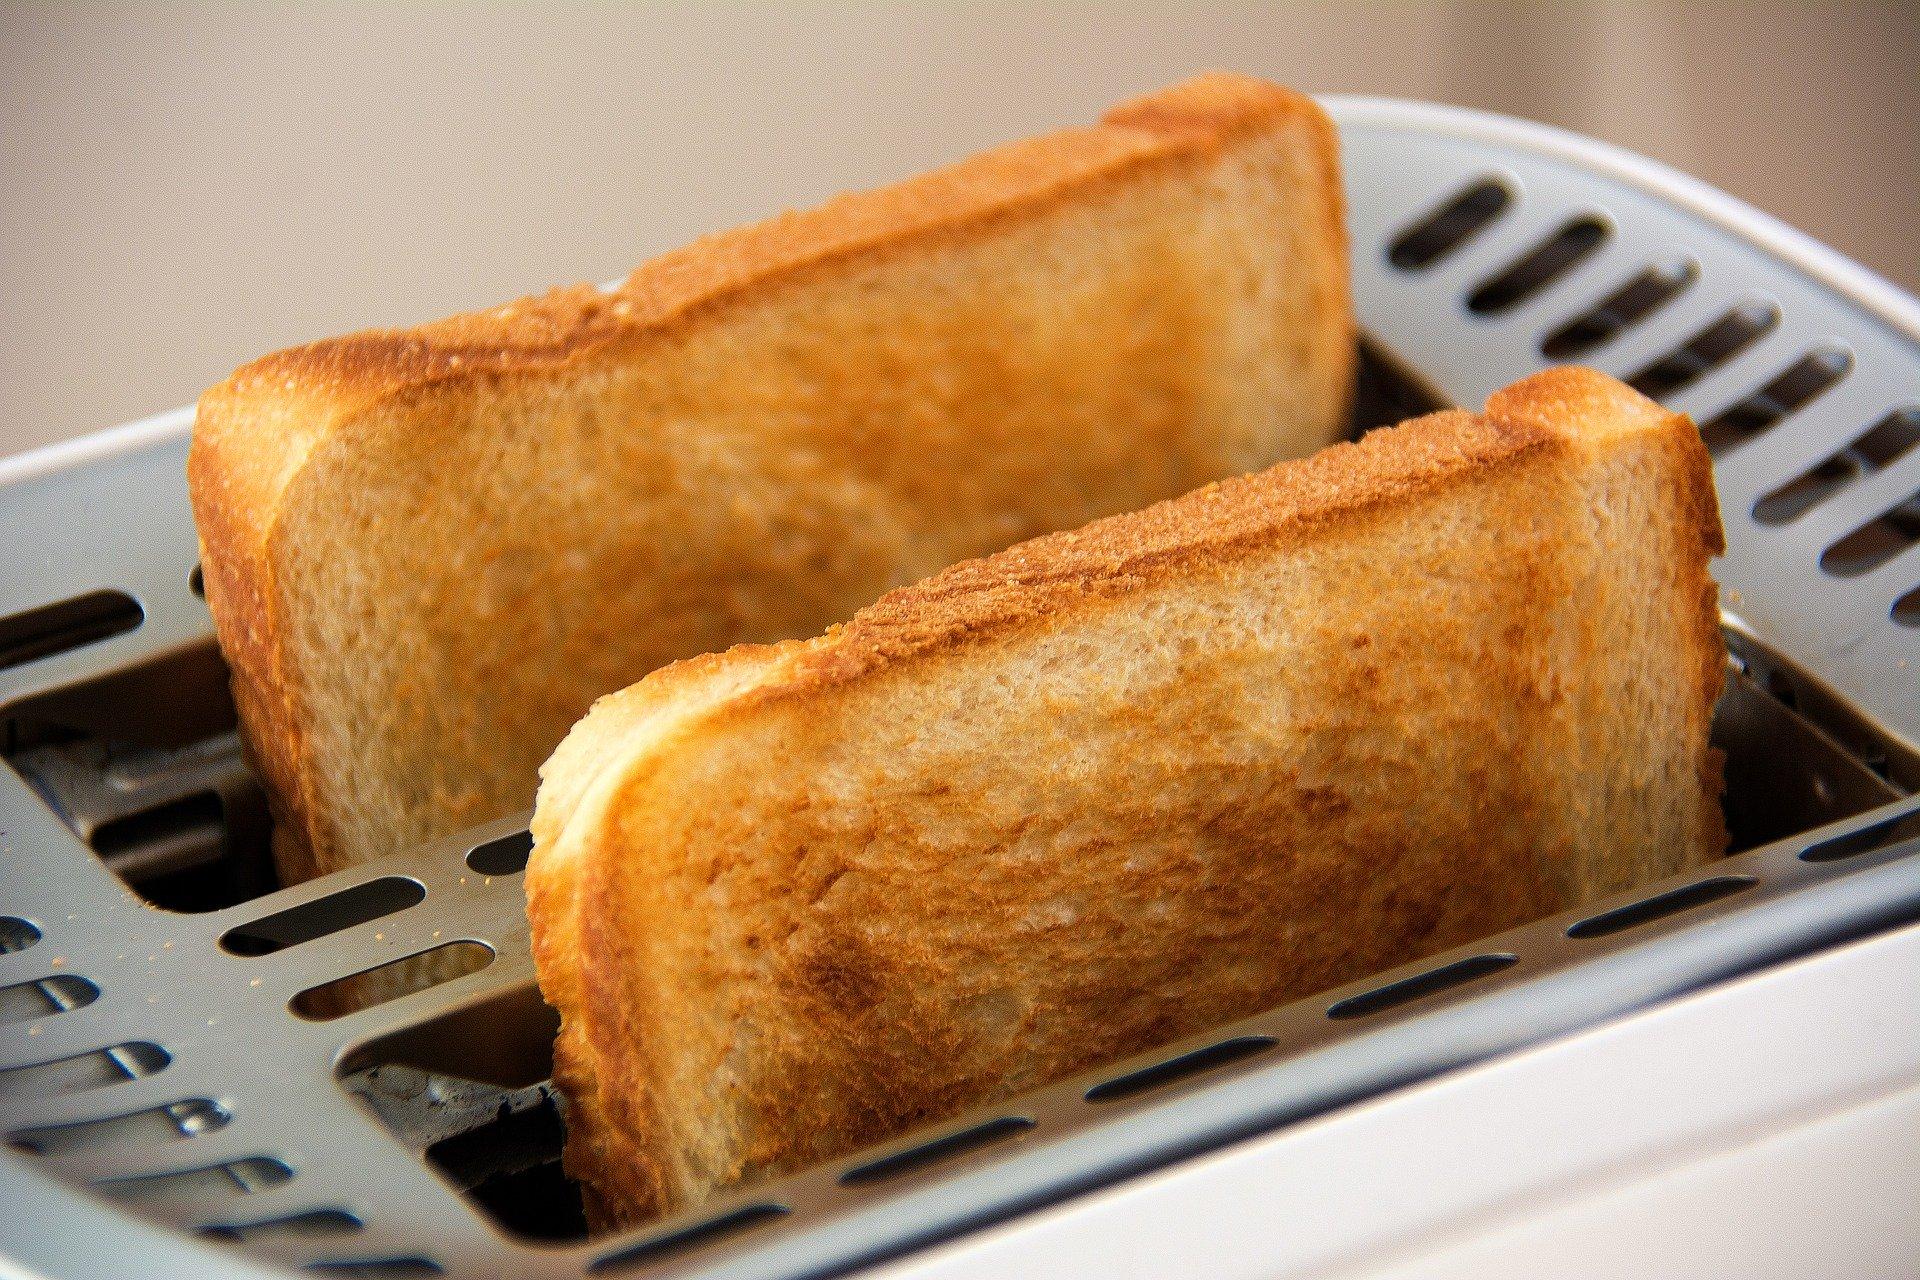 2 Scheiben goldbraunes Toastbrot kommen aus einem weiss-silbernen Toaster.